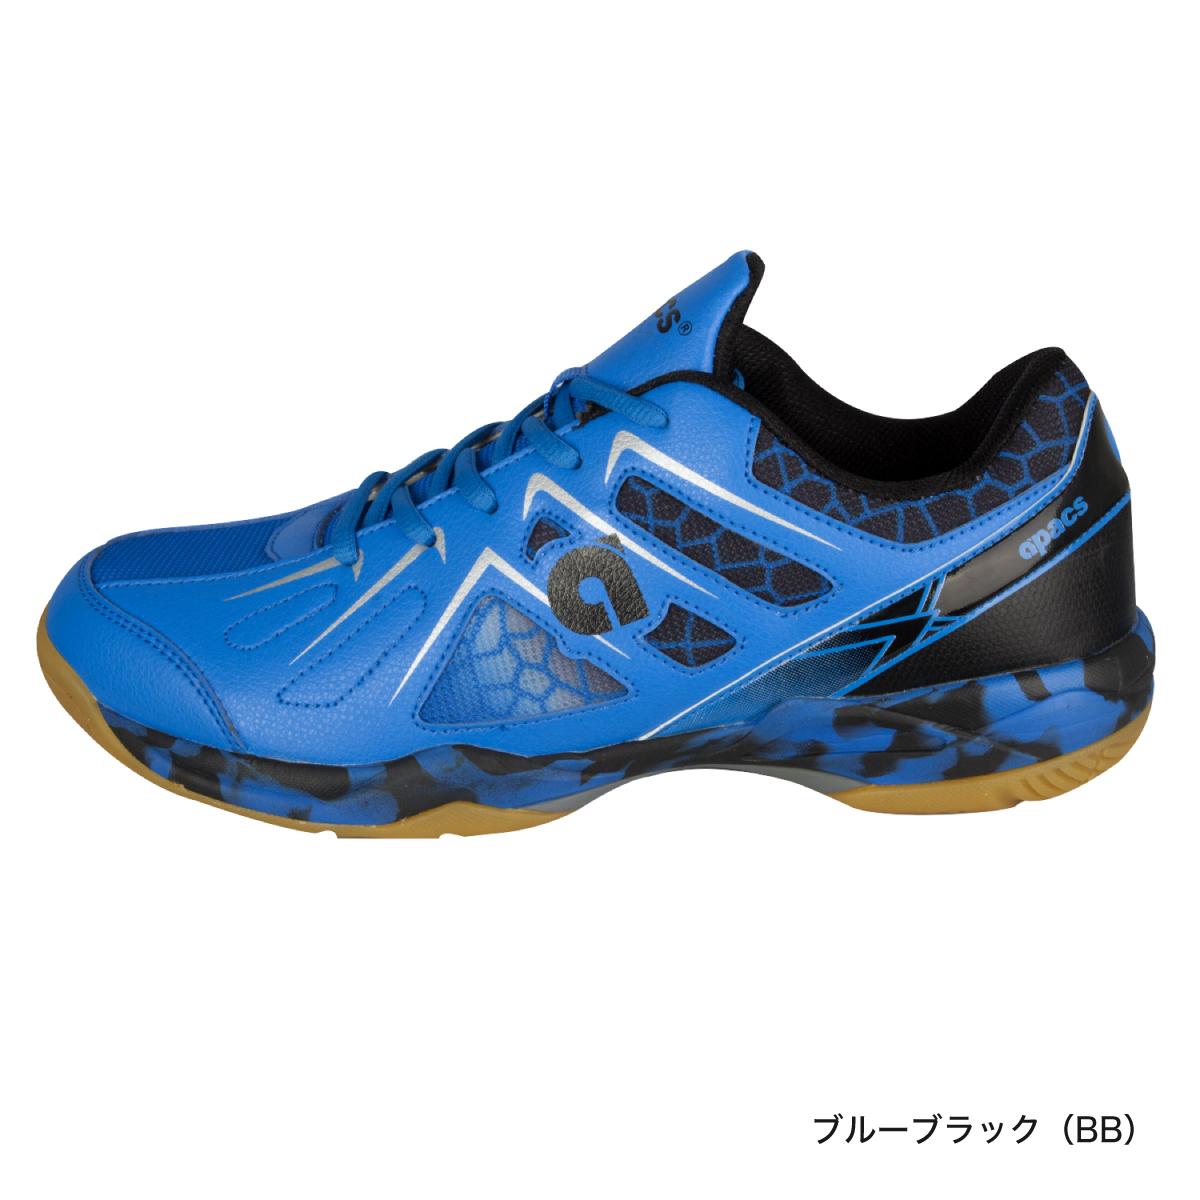 SP609-YS